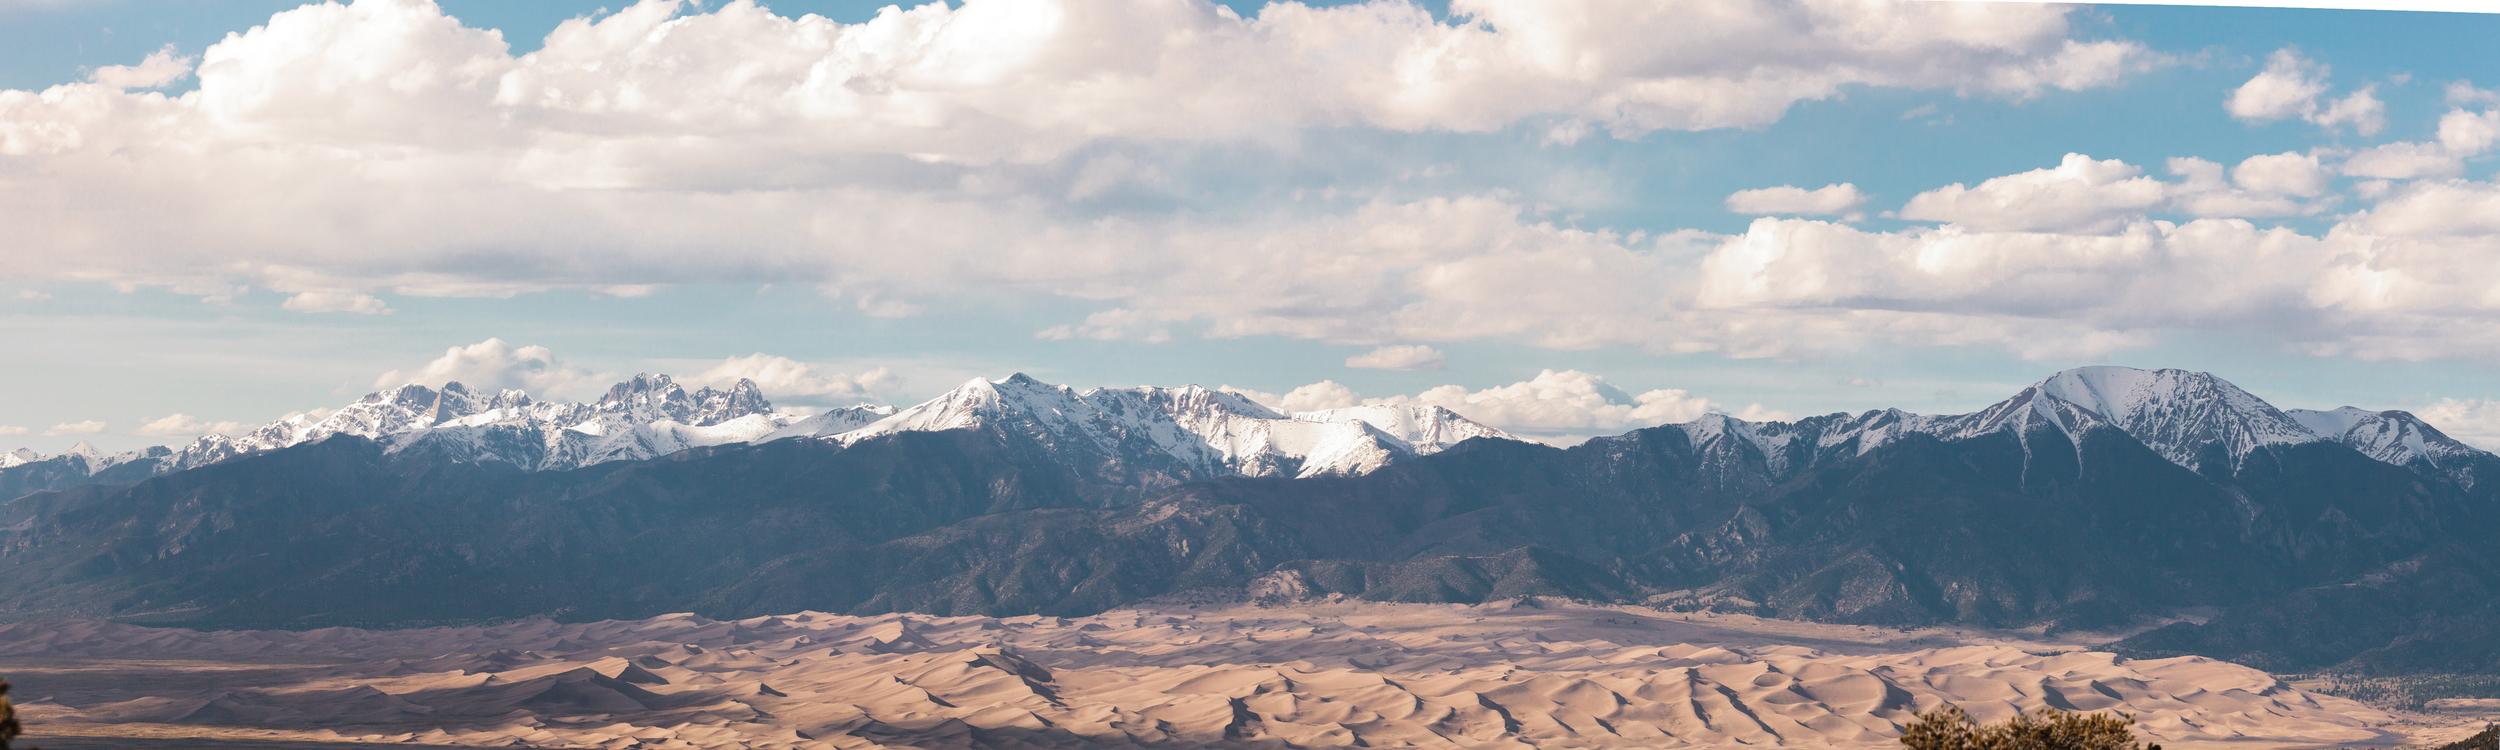 Colorado_day2-1759-Pano.jpg